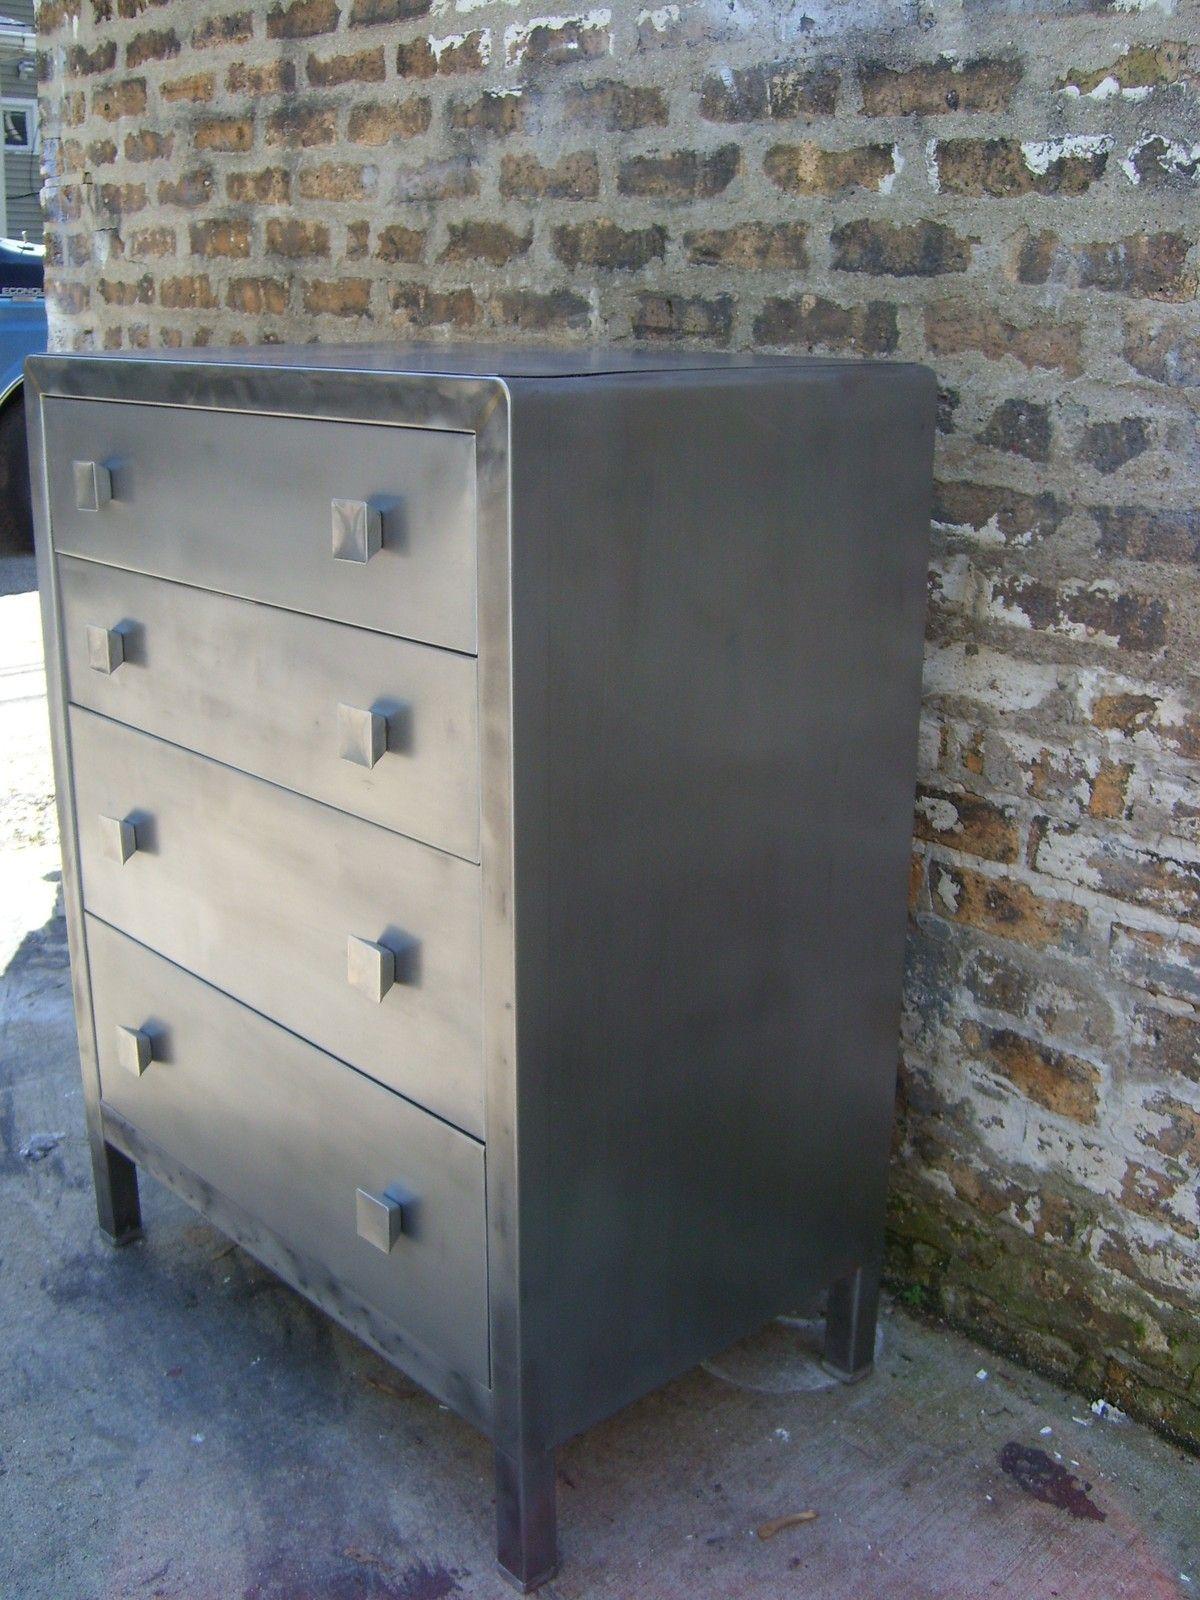 2 Norman Bel Geddes Simmons Industrial Steel Metal Dresser Mid Century Eames. 2 Norman Bel Geddes Simmons Industrial Steel Metal Dresser Mid